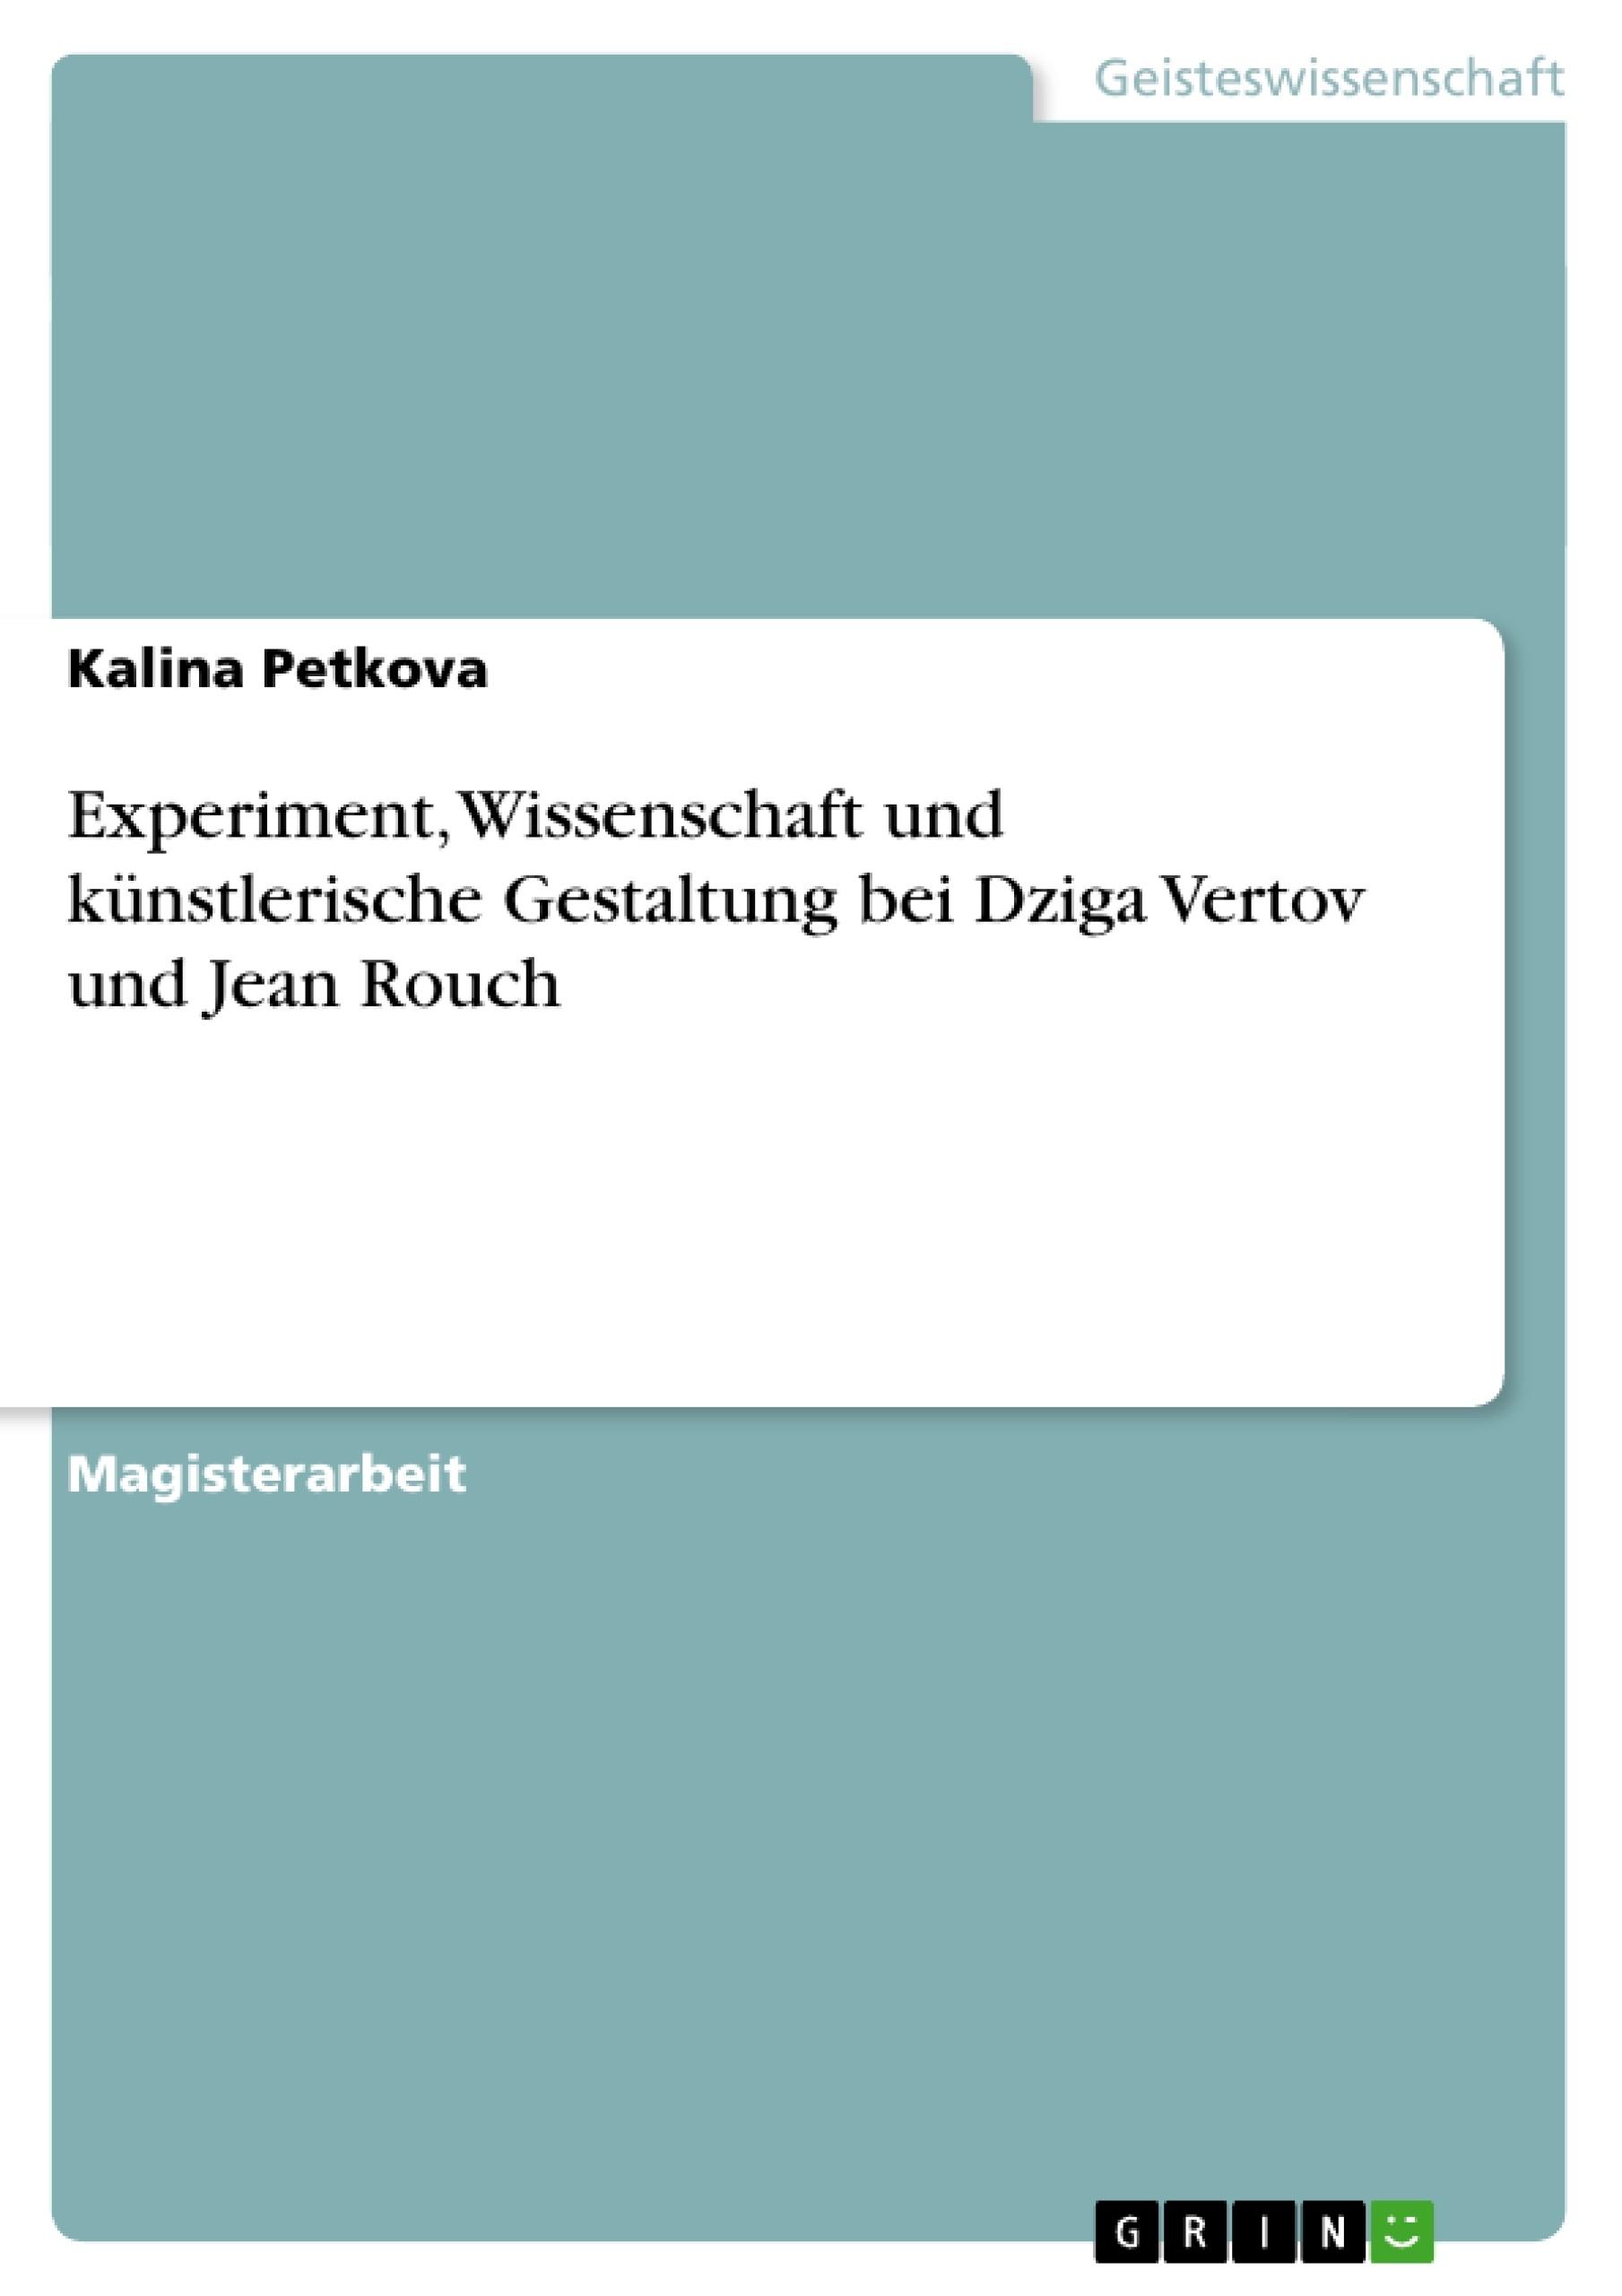 Titel: Experiment, Wissenschaft und künstlerische Gestaltung bei Dziga Vertov und Jean Rouch